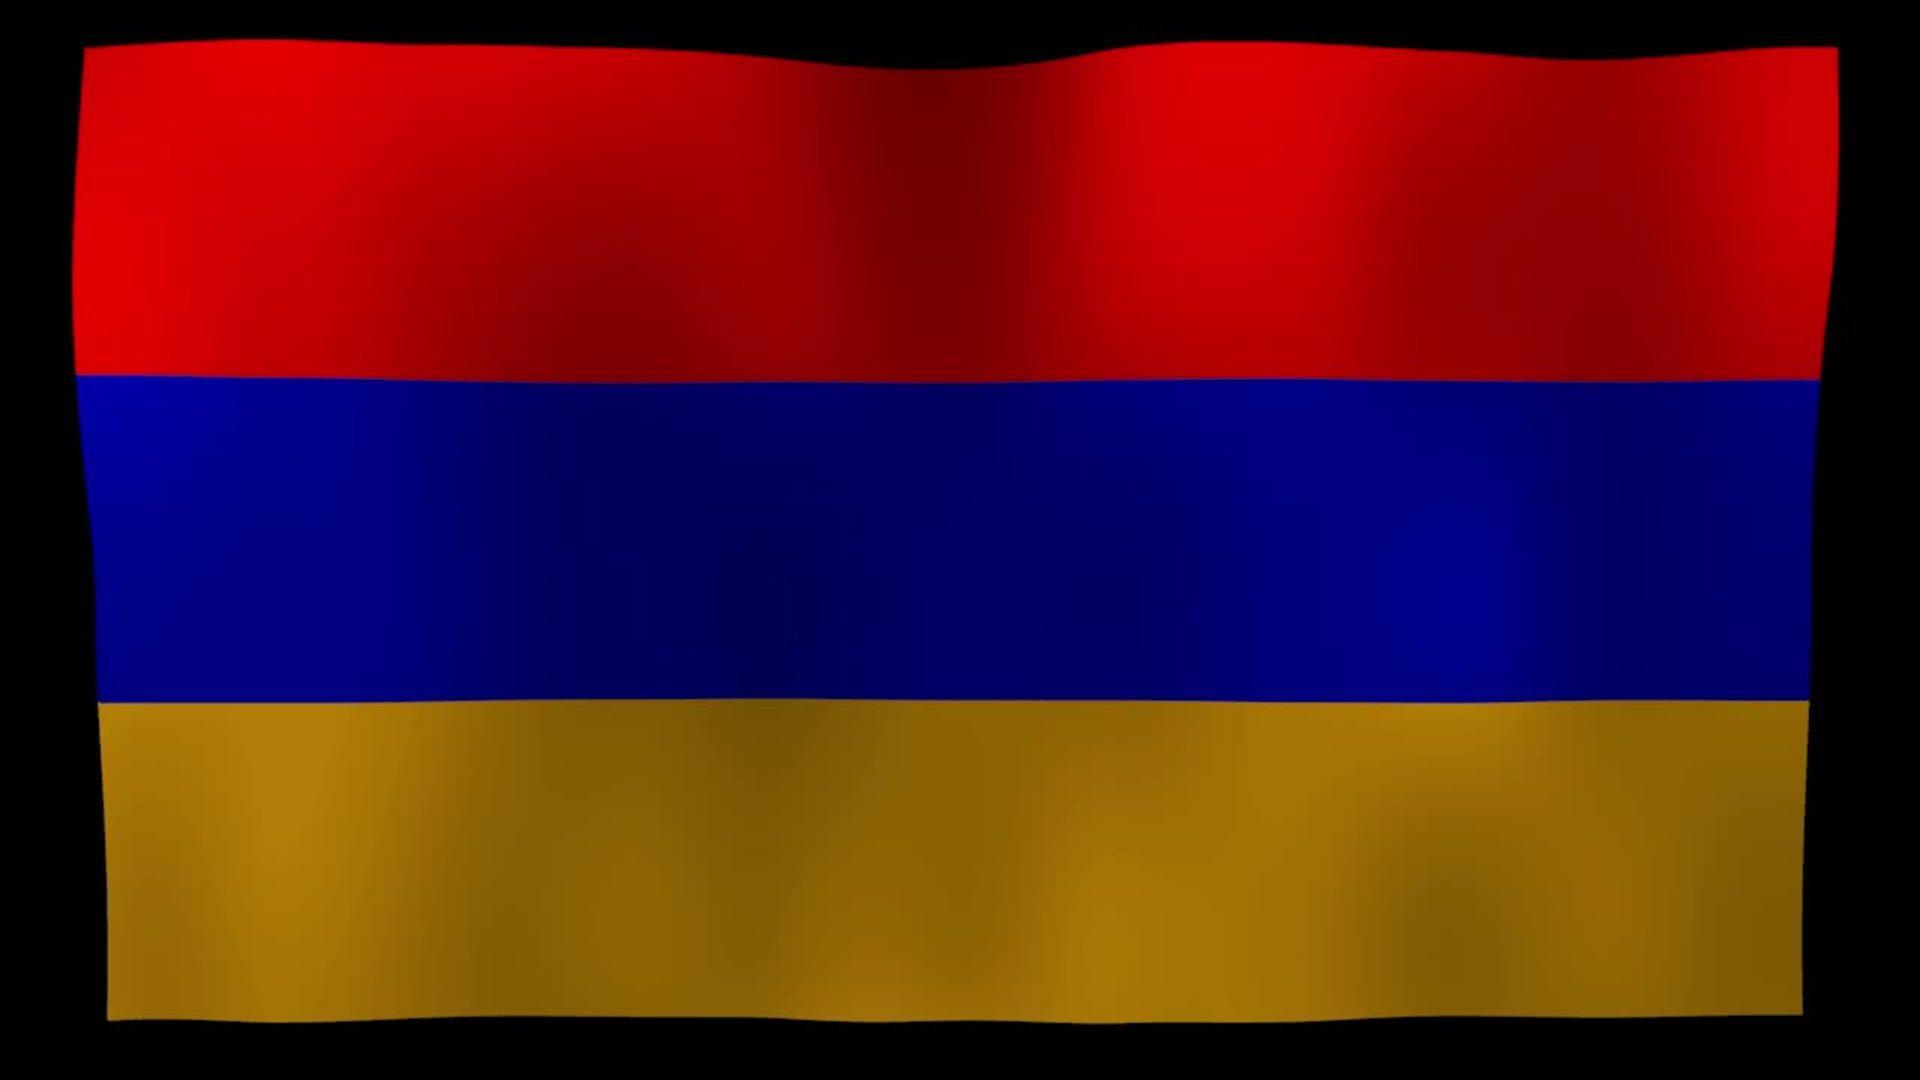 Bandera de Armenia 4K Motion Loop After Effects Plantilla - ¡Clips y ...